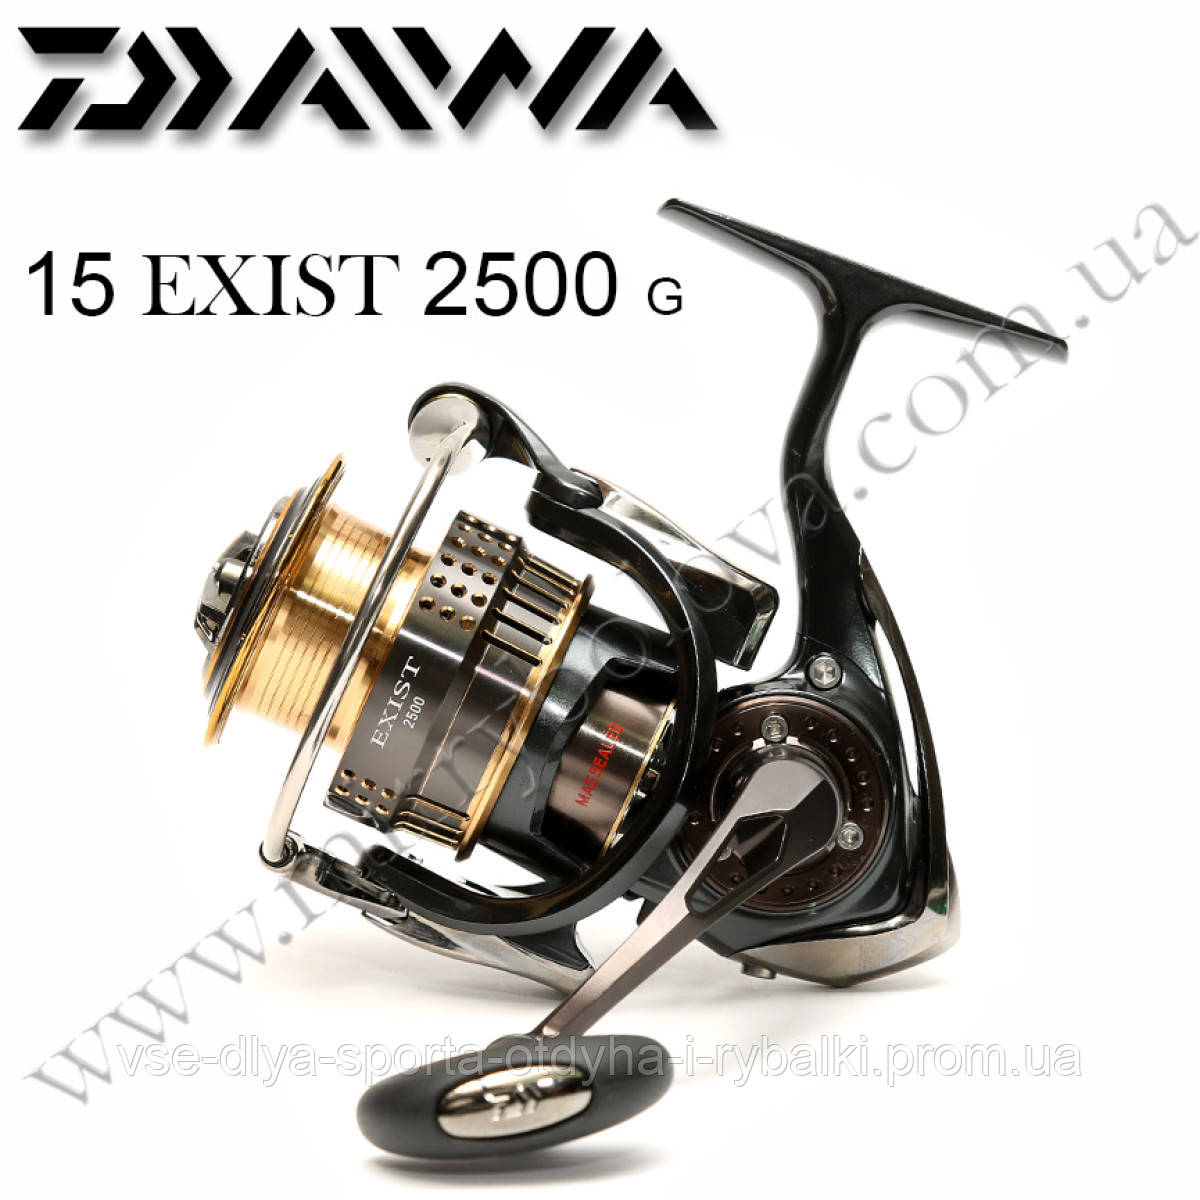 6ac3f6ab Катушка Daiwa 15 EXIST 2500: продажа, цена в Киеве. рыболовные ...